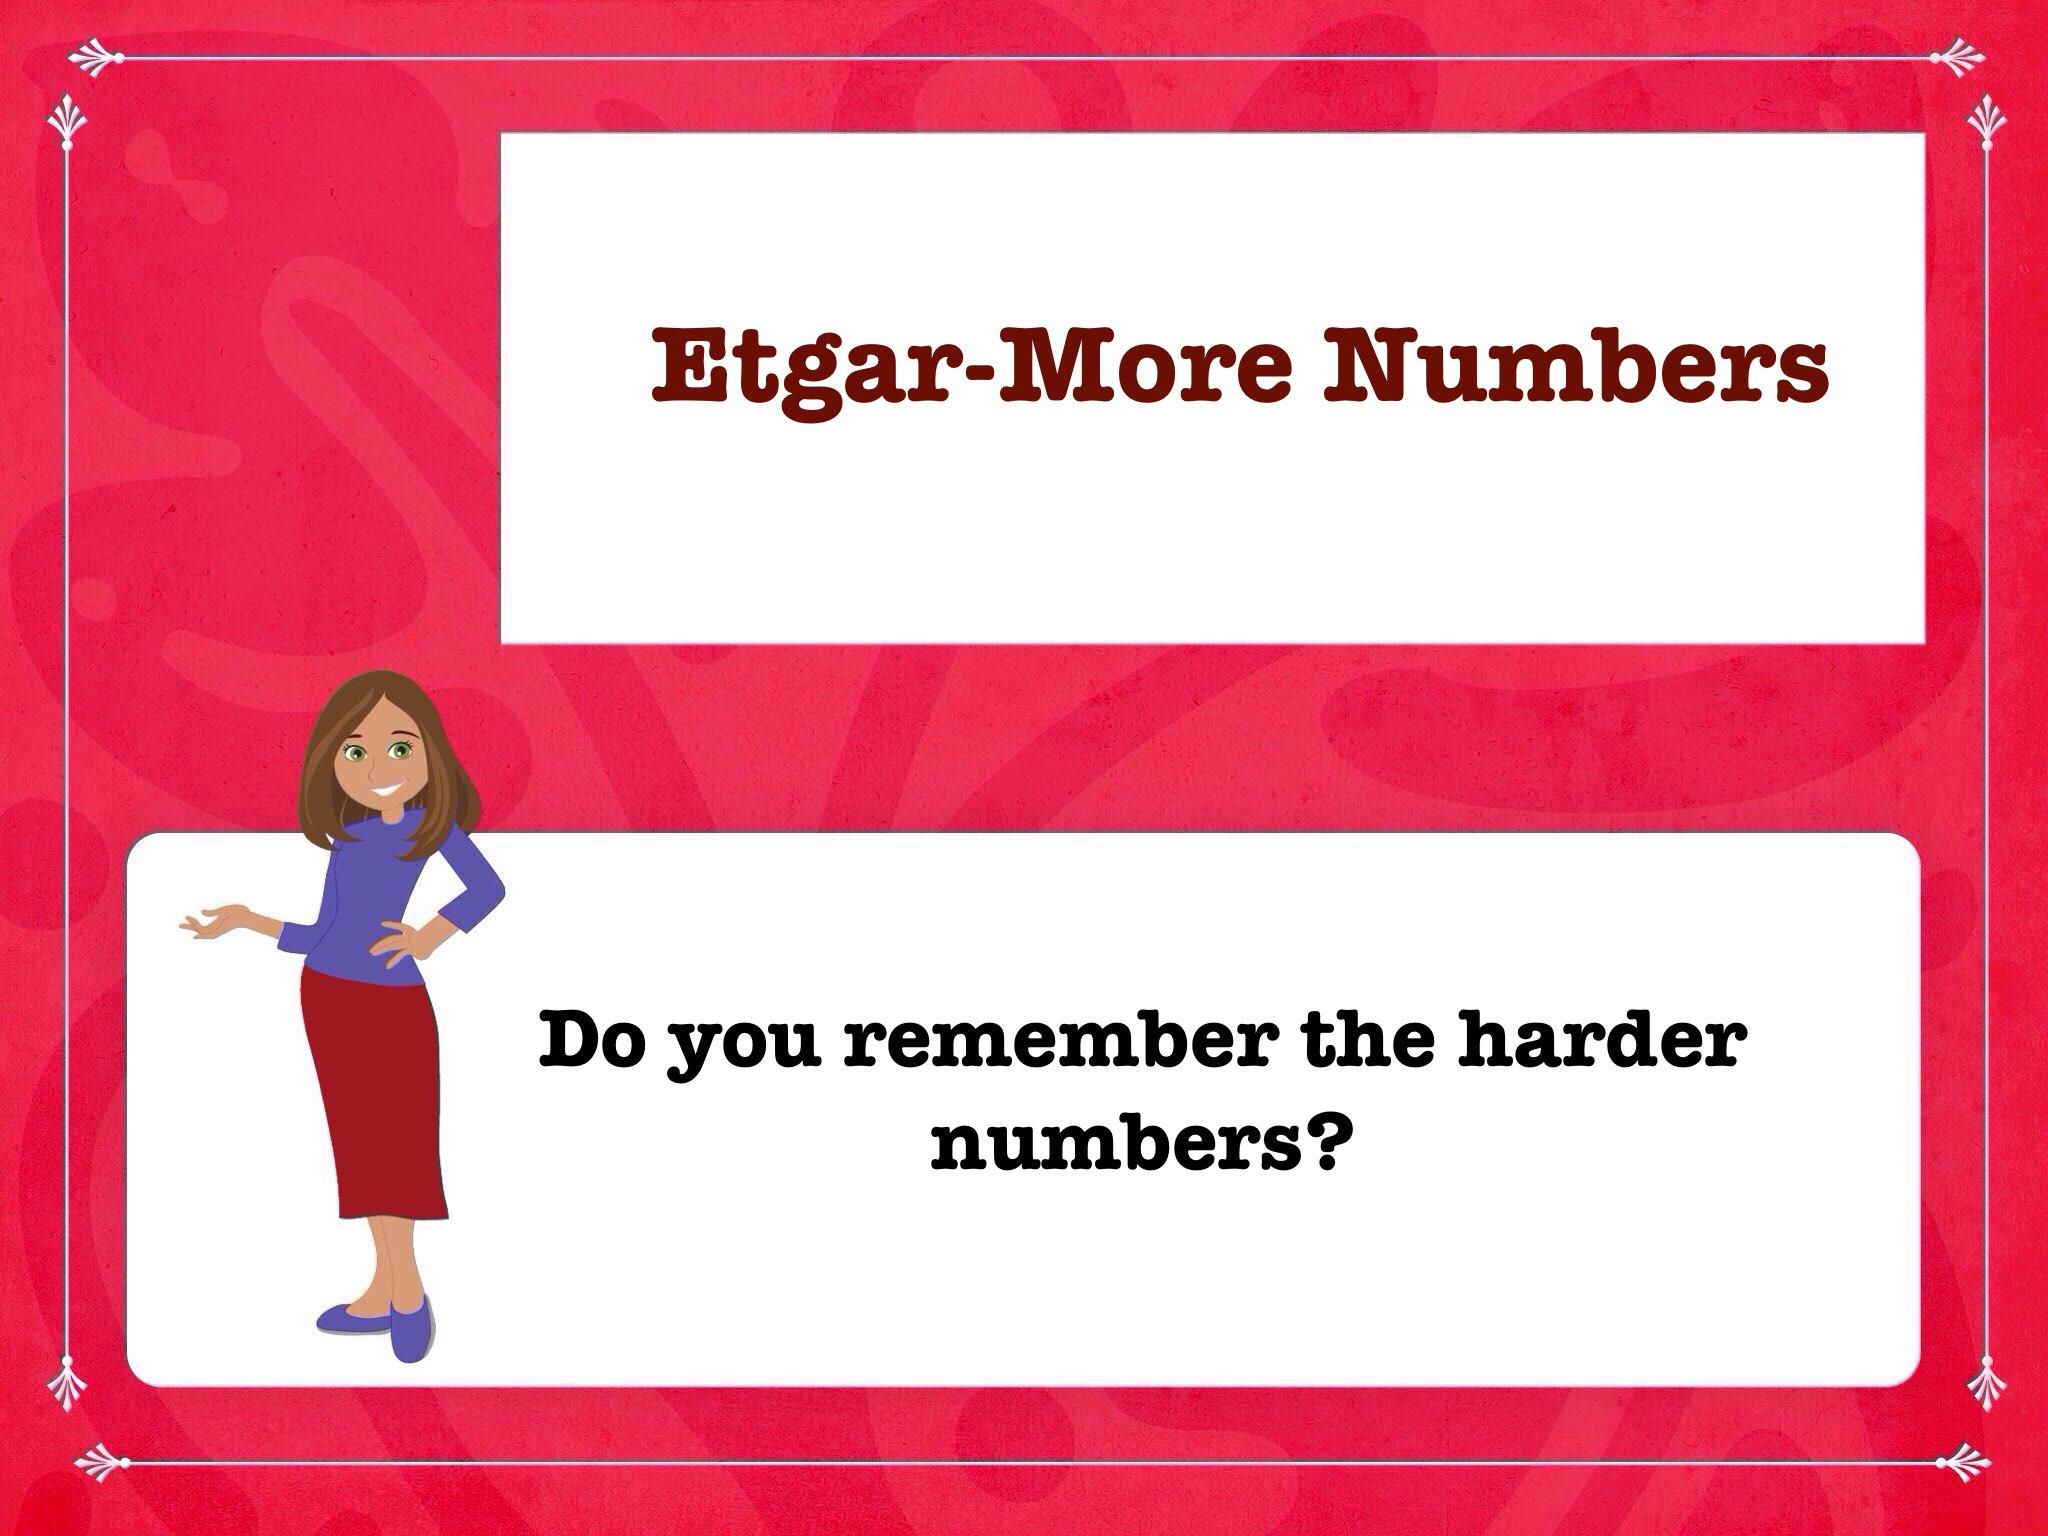 Etgar-More Numbers by Mrs S Bernstein - Educational Games